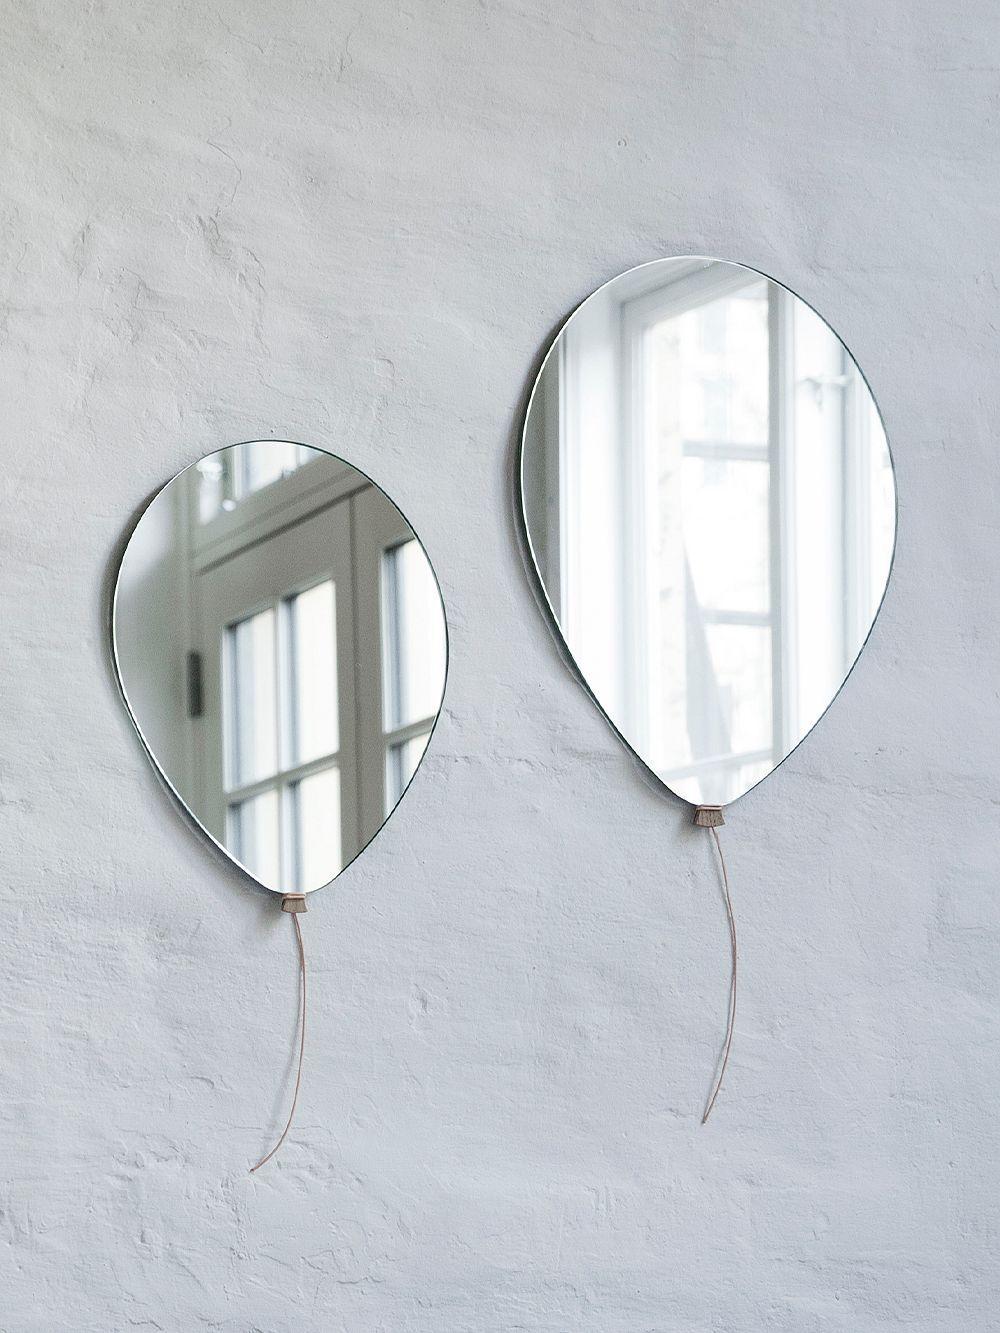 EO: Balloon mirror